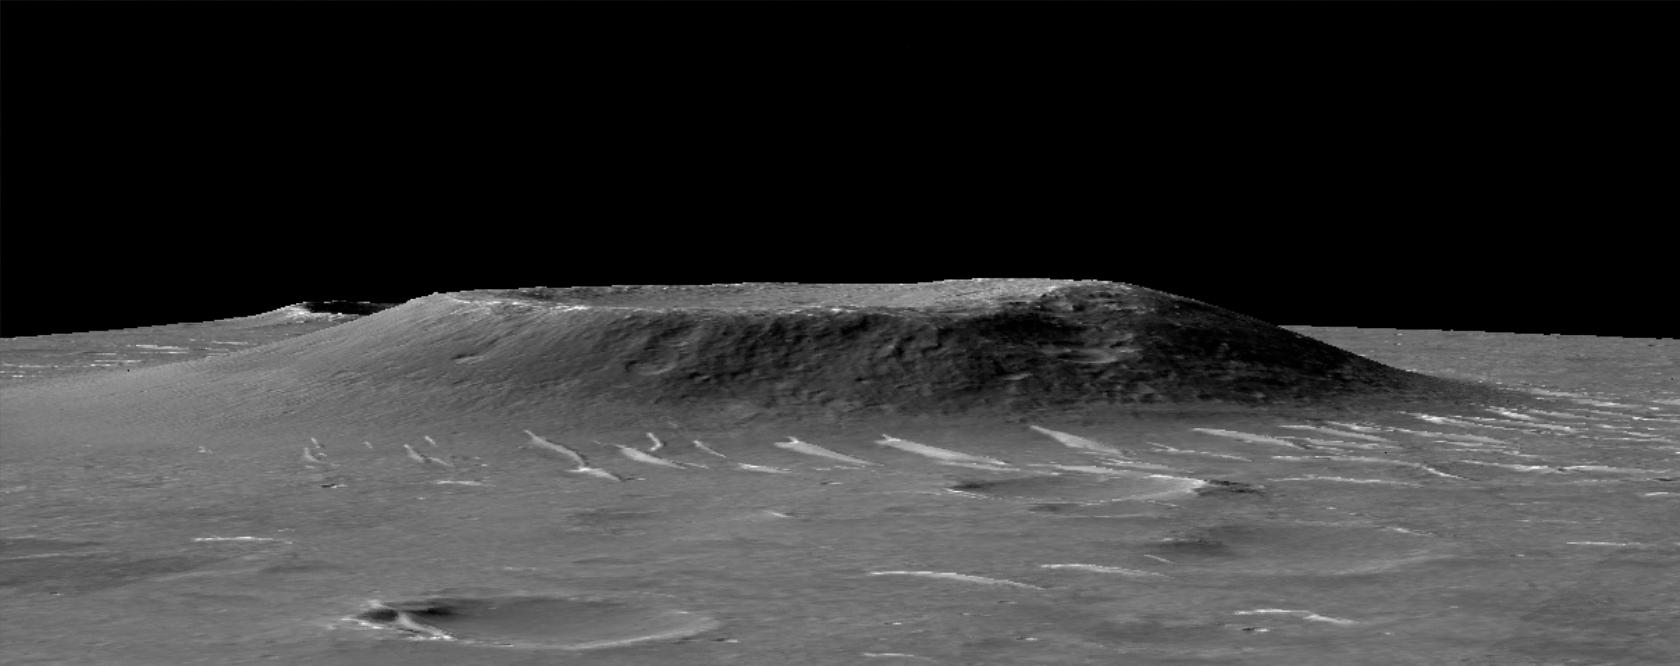 La topografía en el entorno del rover Zhurong